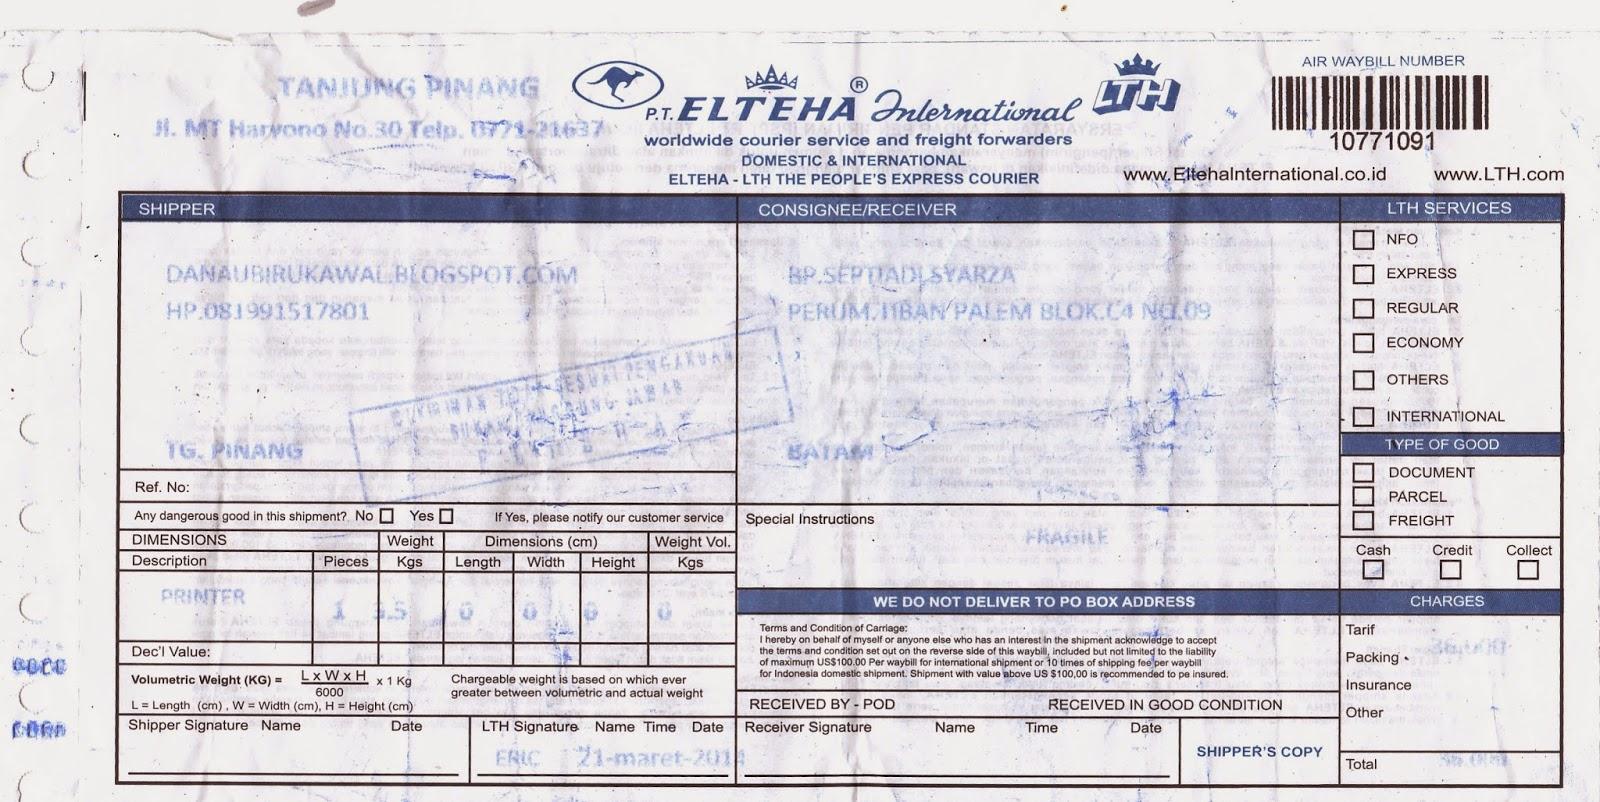 bukti pengiriman danaubirukawal.blogspot.com